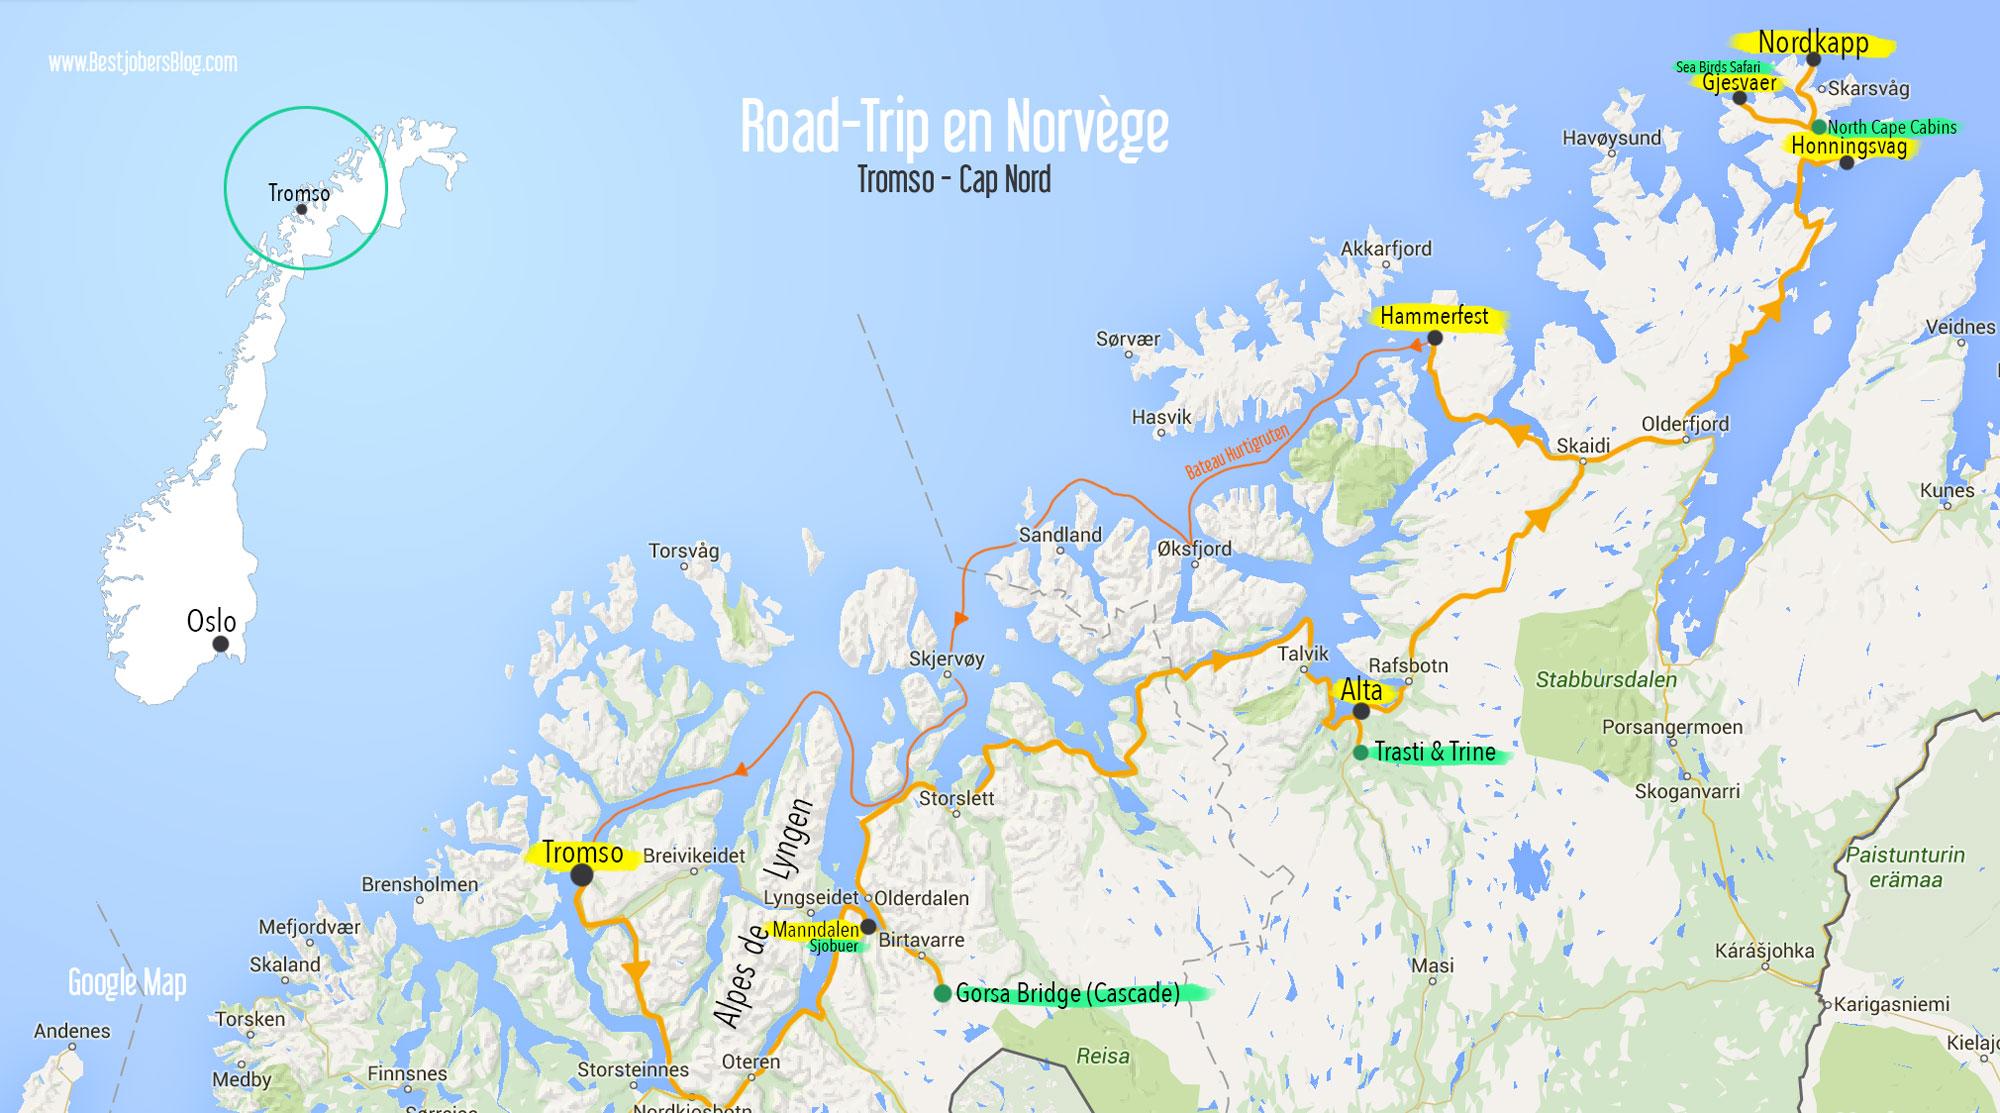 itinéraire road trip norvege carte tromso-cap nord